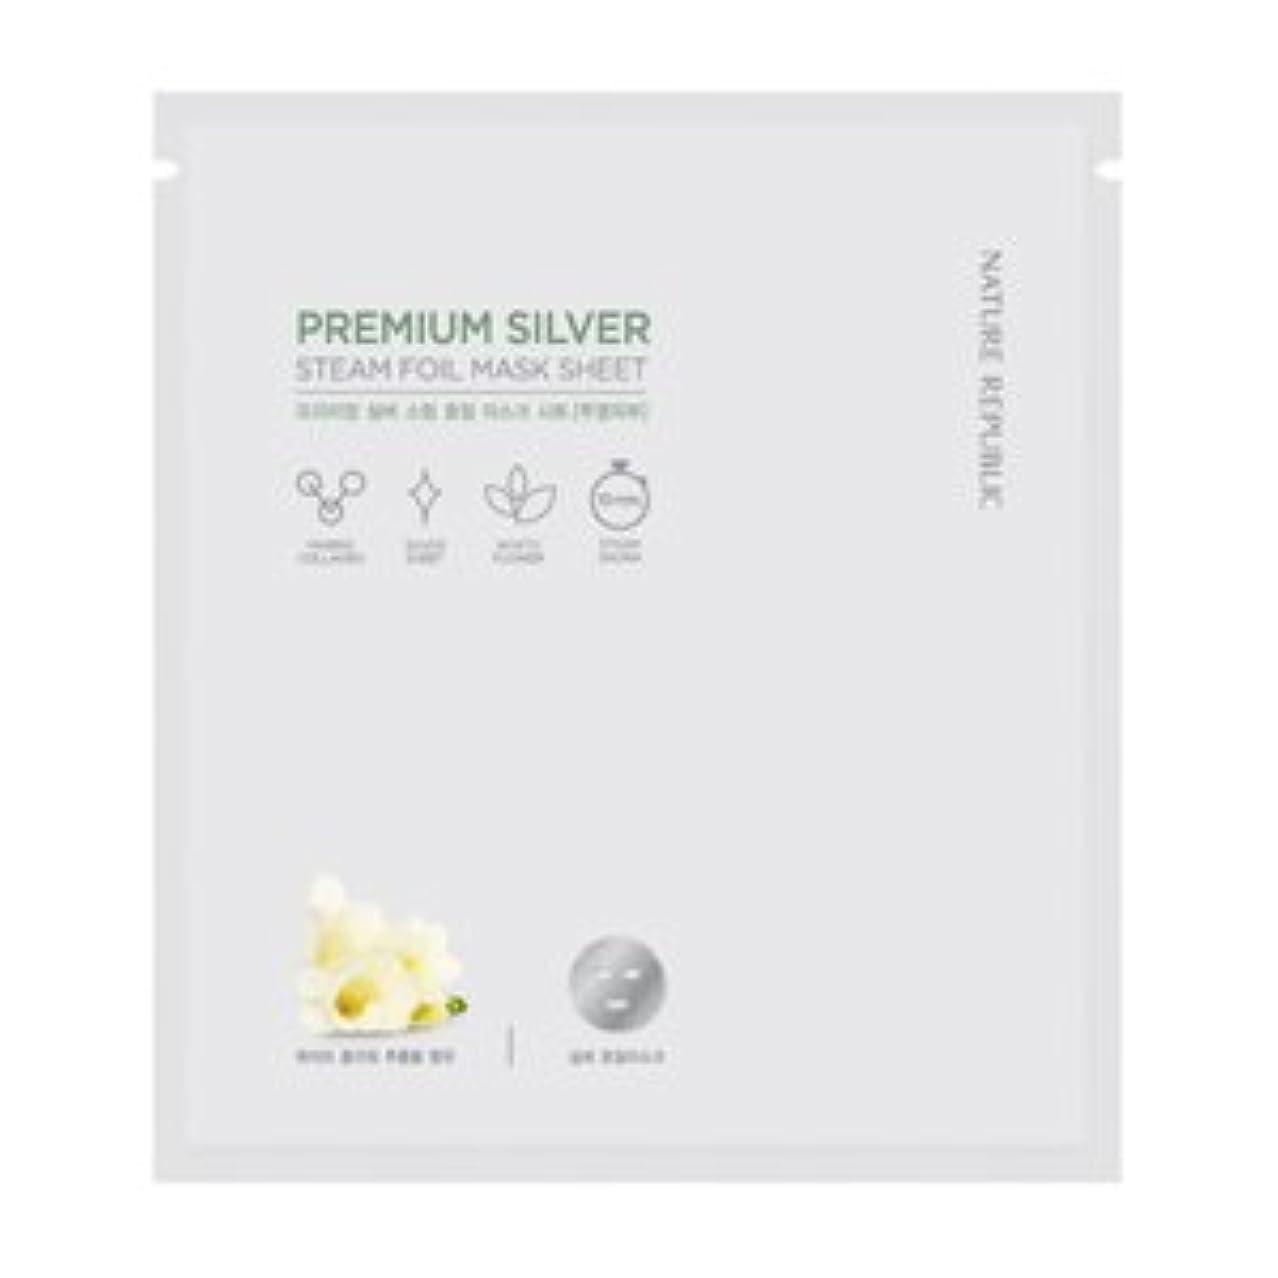 死スノーケル食事Nature Republic Premium silver Steam Foil Mask Sheet [5ea] ネーチャーリパブリック プレミアムシルバースチームホイルマスクシート [5枚] [並行輸入品]